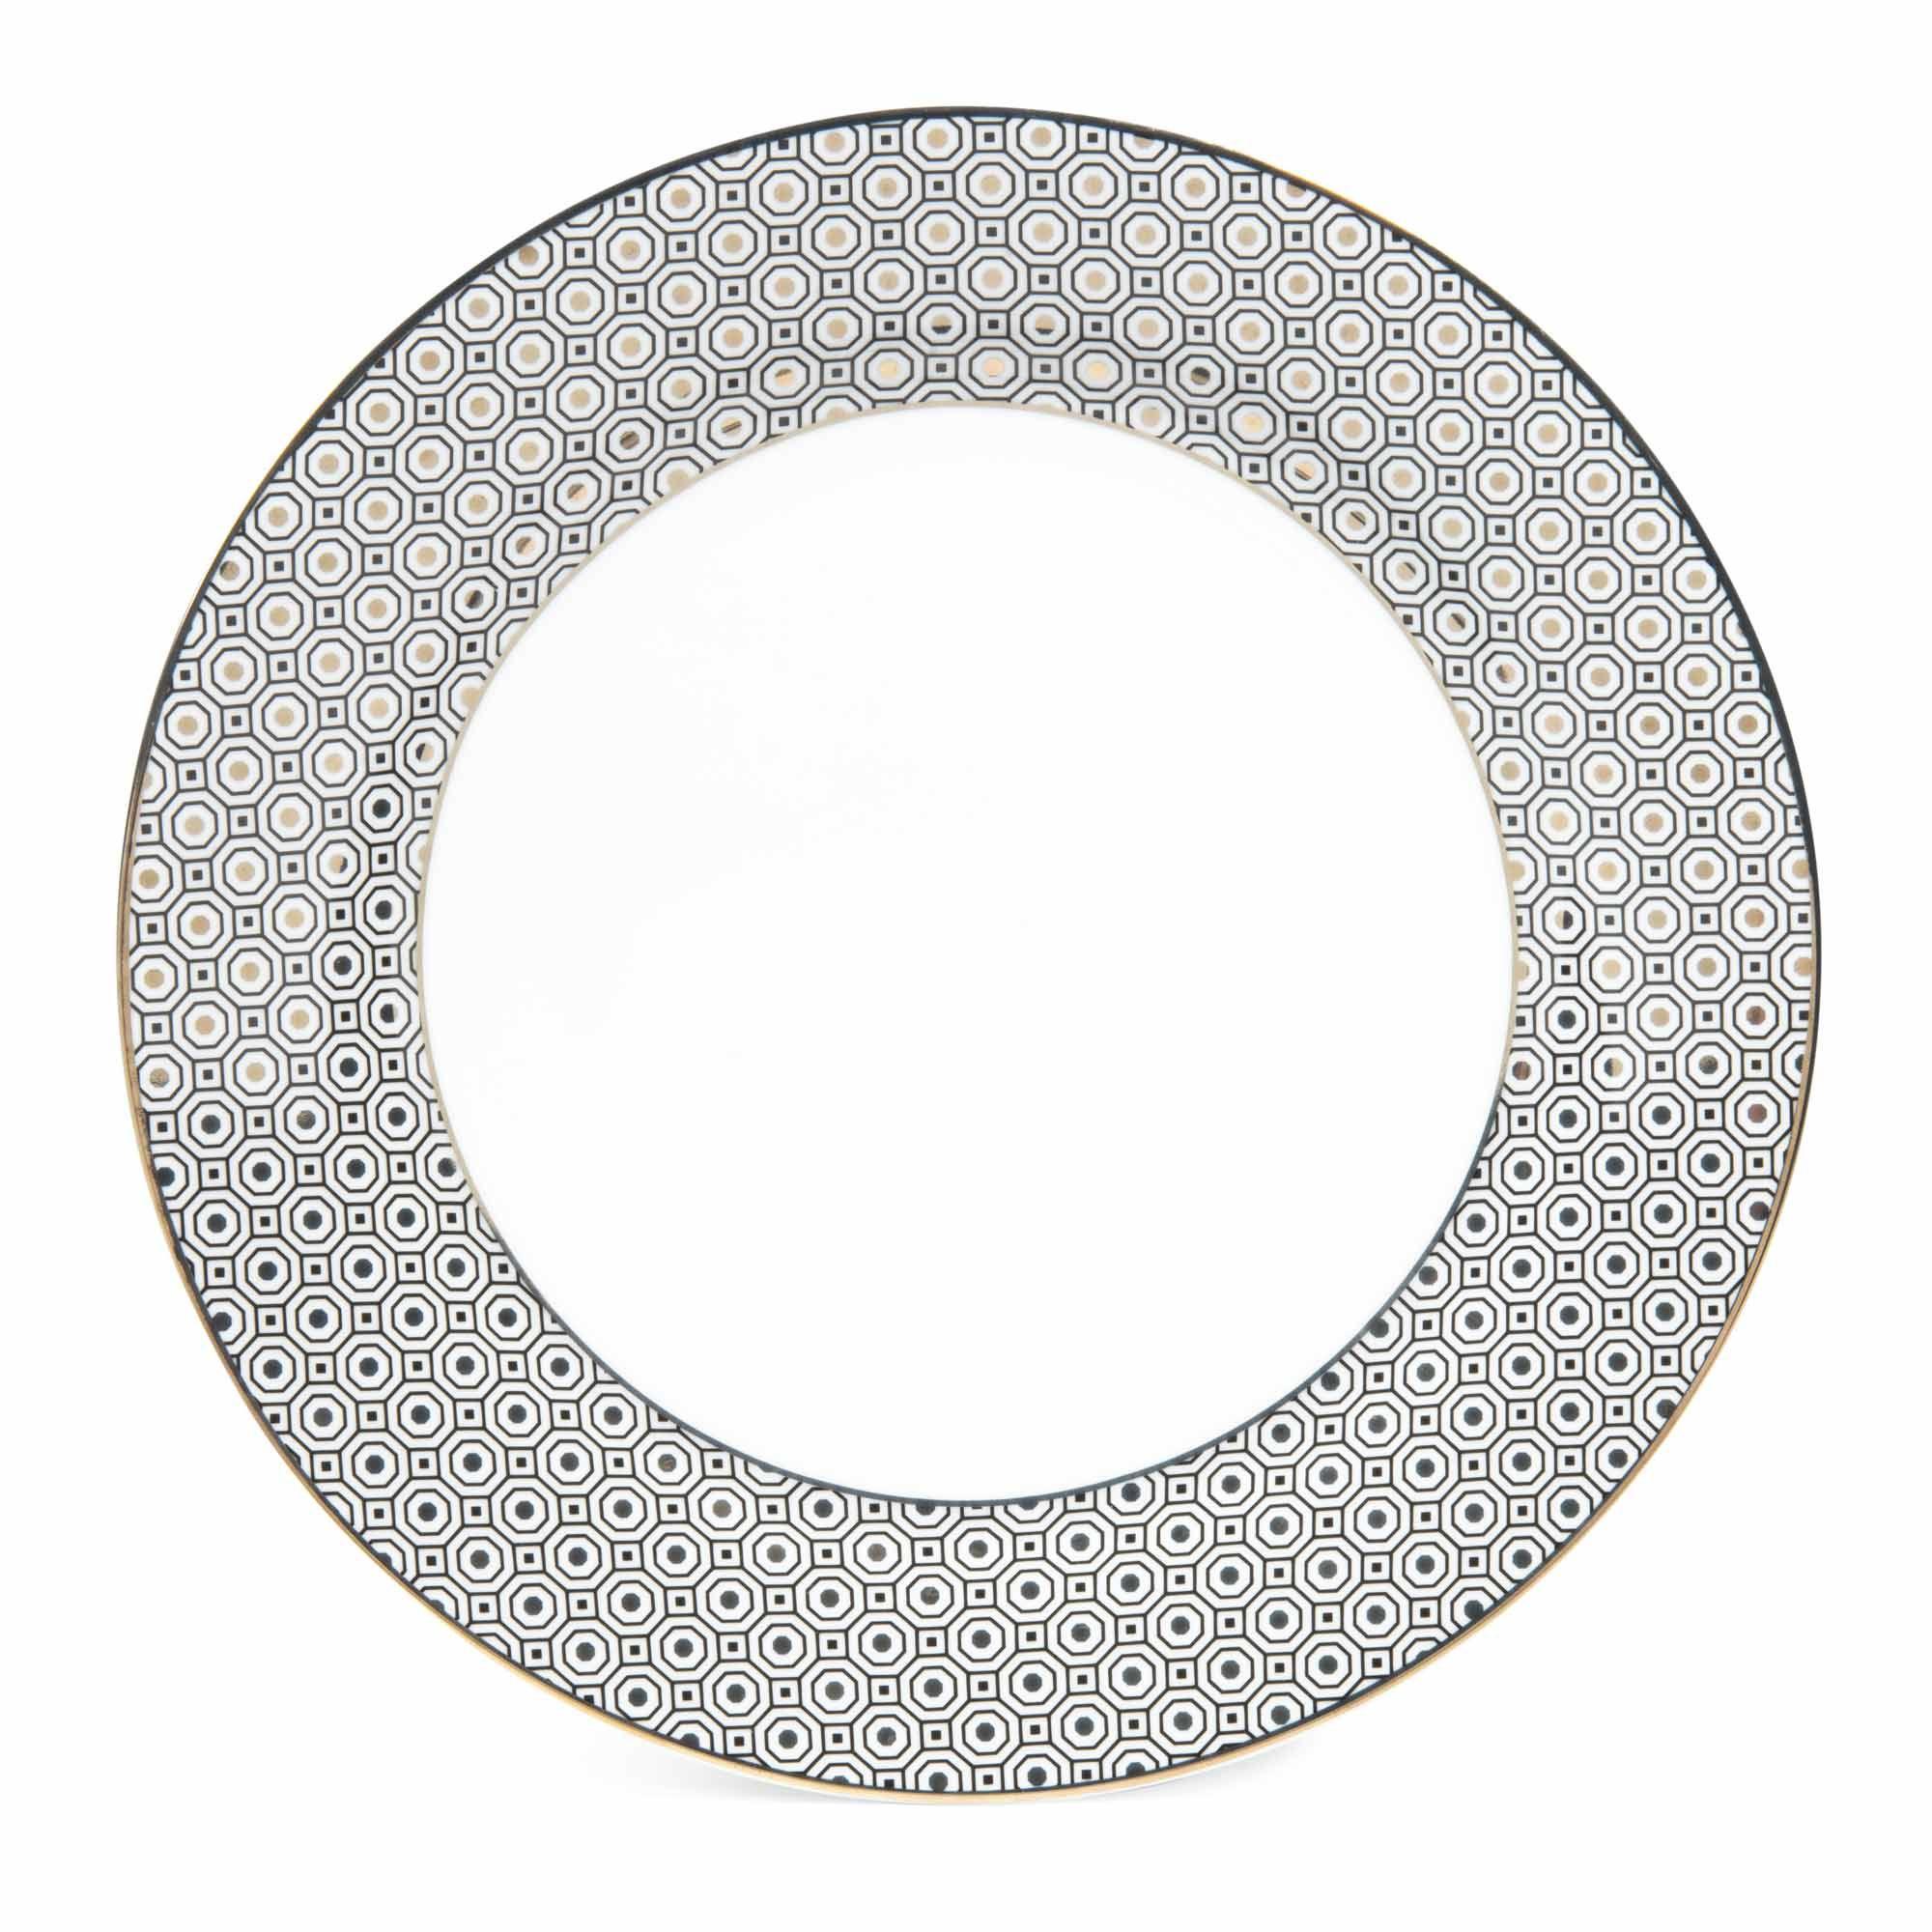 Assiette Plate En Porcelaine D 27 Cm Maisons Du Monde Assiettes Plates Assiette Vaisselle Assiette